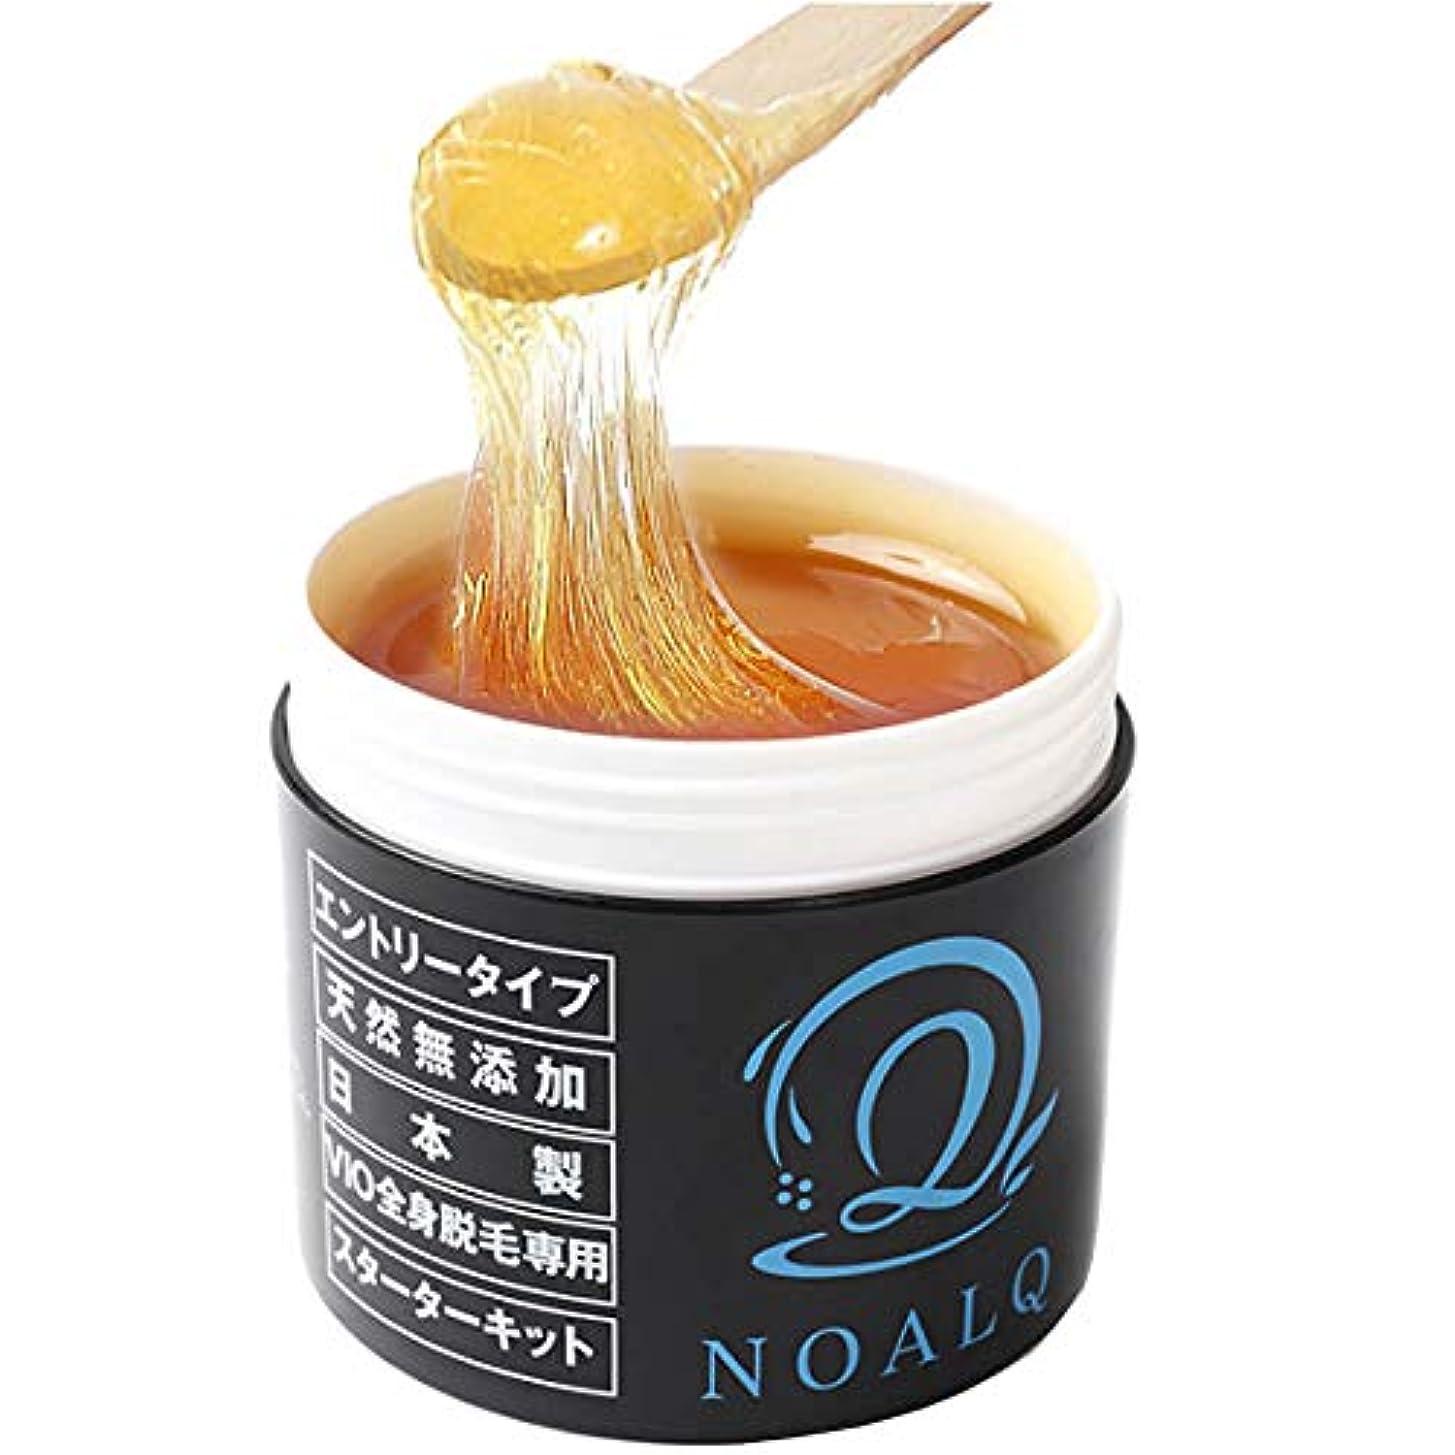 ワイン傘現金NOALQ(ノアルク) ブラジリアンワックス エントリータイプ 天然無添加素材 純国産100% VIO 全身脱毛専用 スターターキット